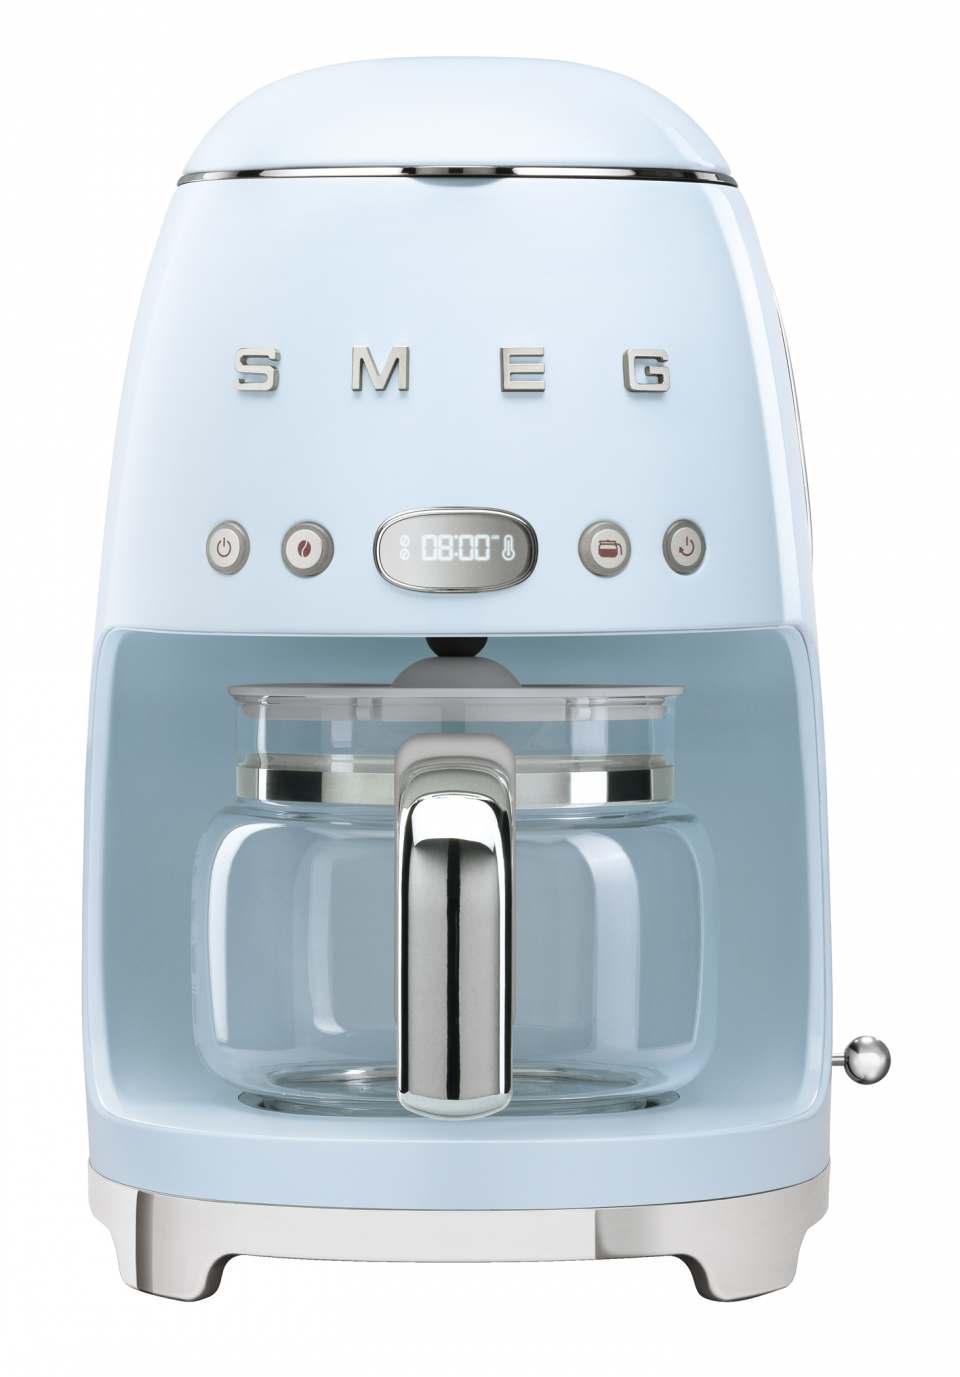 Smeg Filterkaffeemaschine DCF02 im Stil der 50er Jahre.